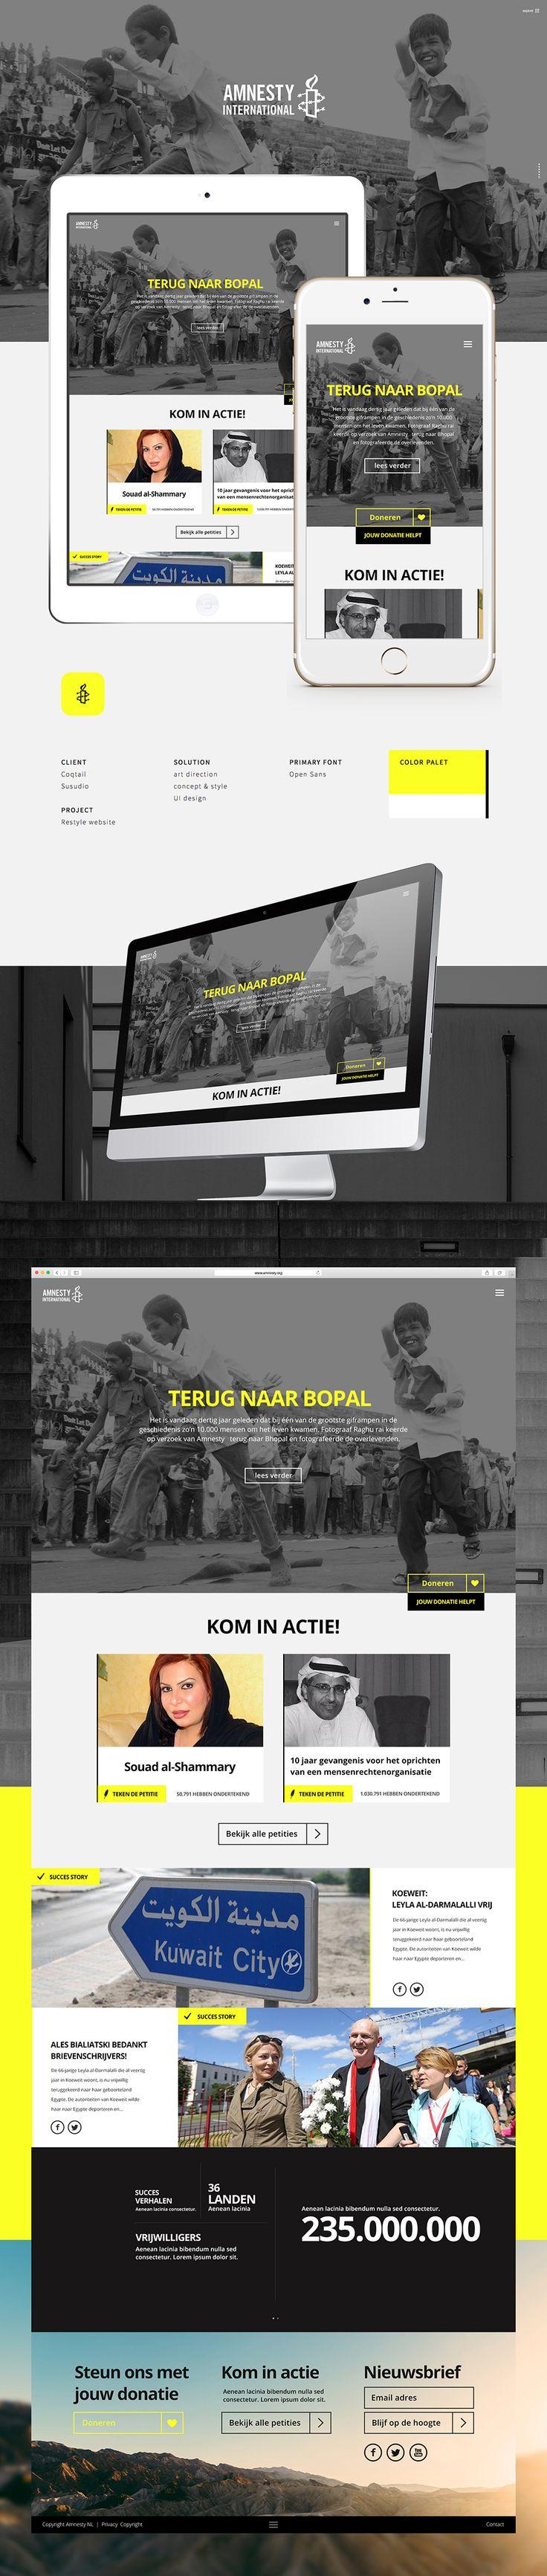 Amnesty International | Responsive Website Concept • by Merqwaardig.com